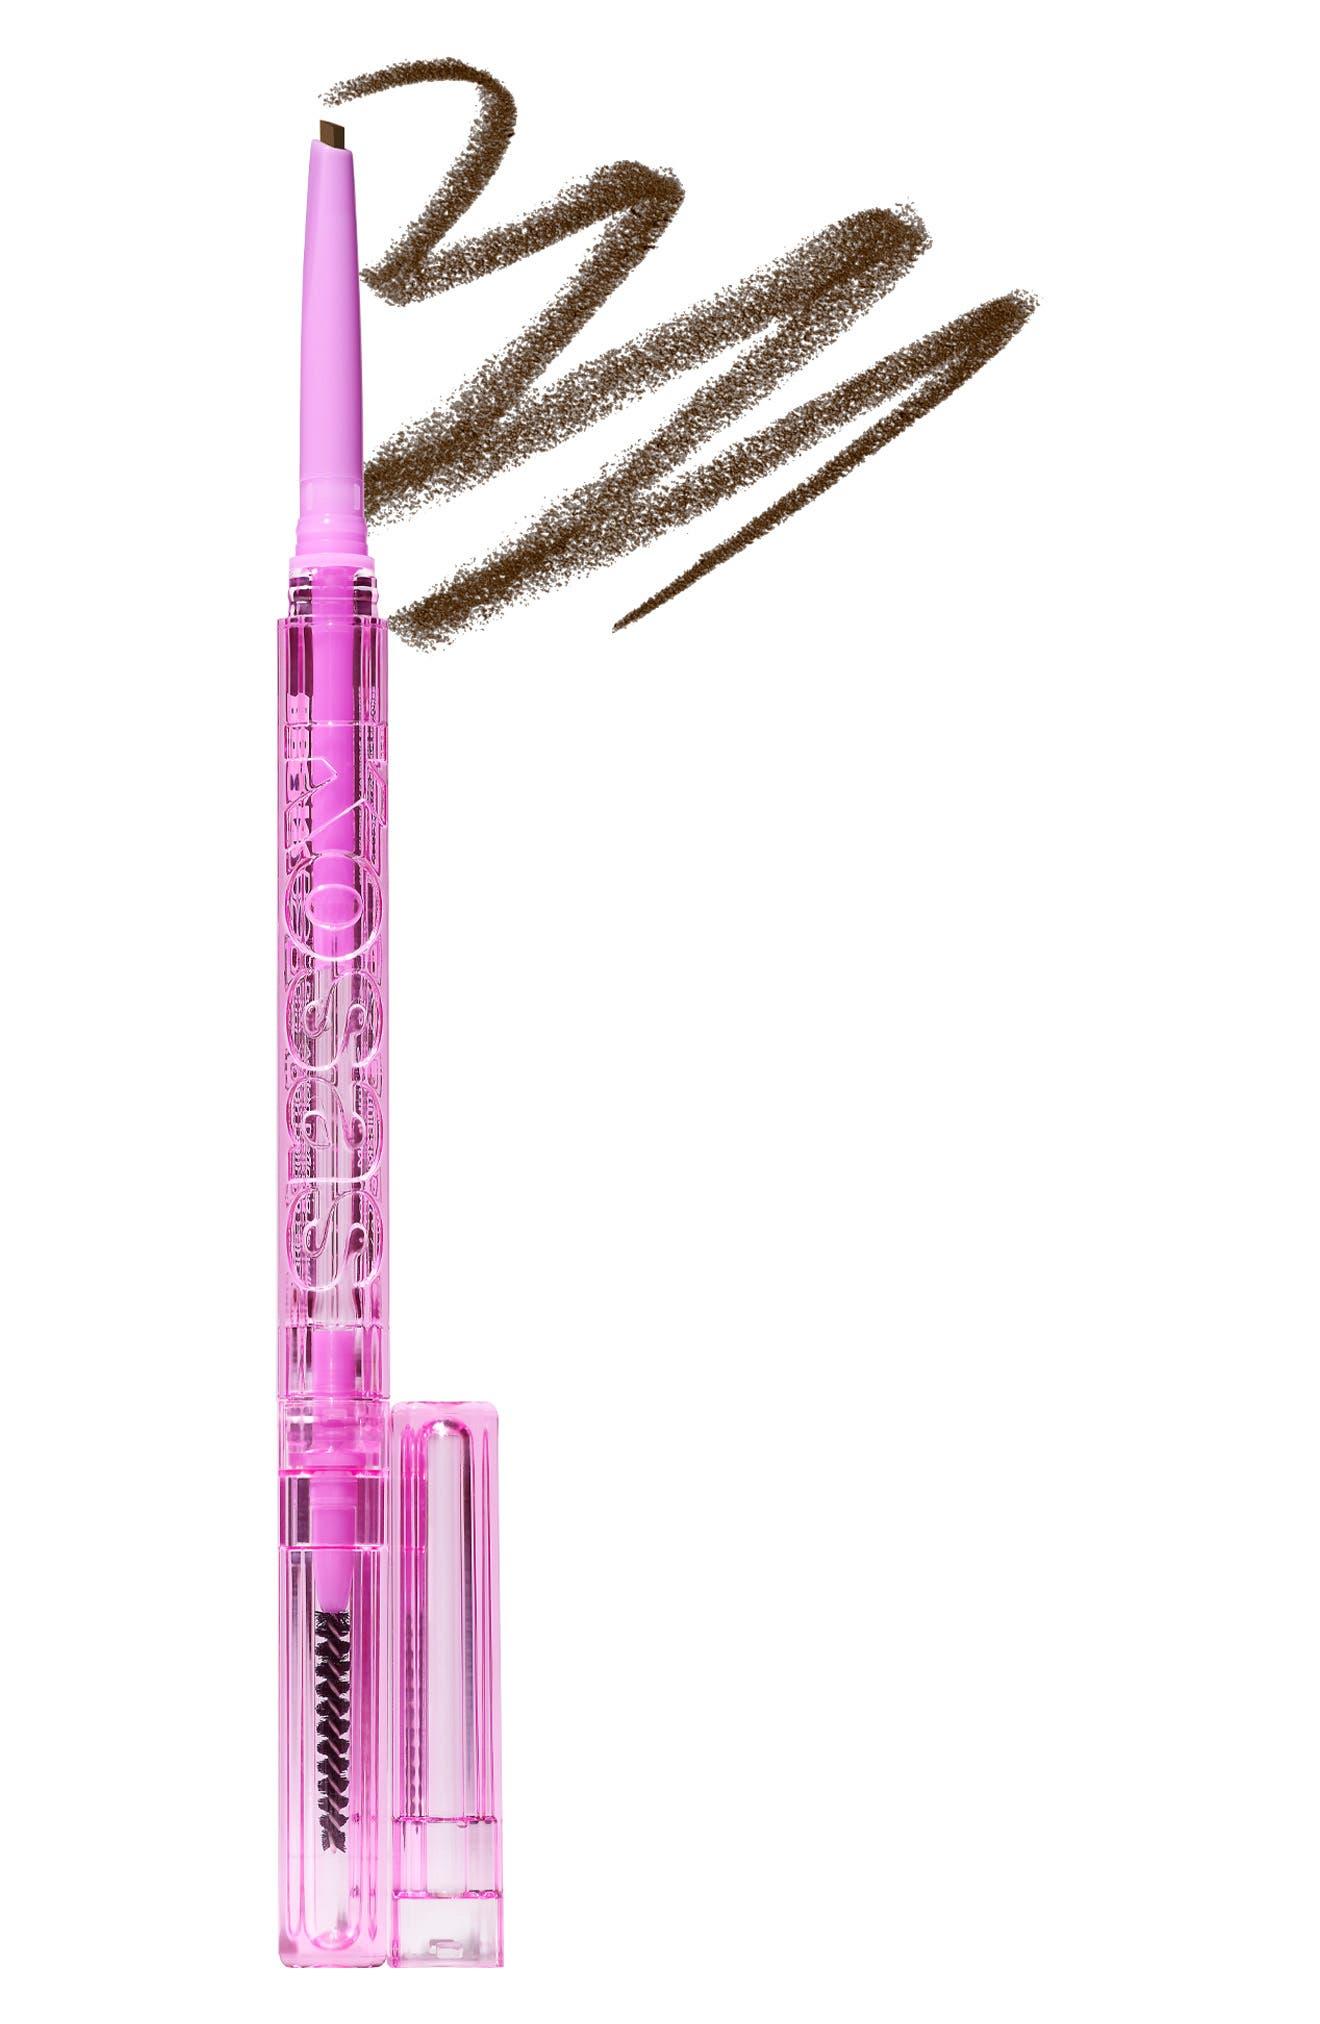 Brow Pop Dual-Action Defining Brow Pencil